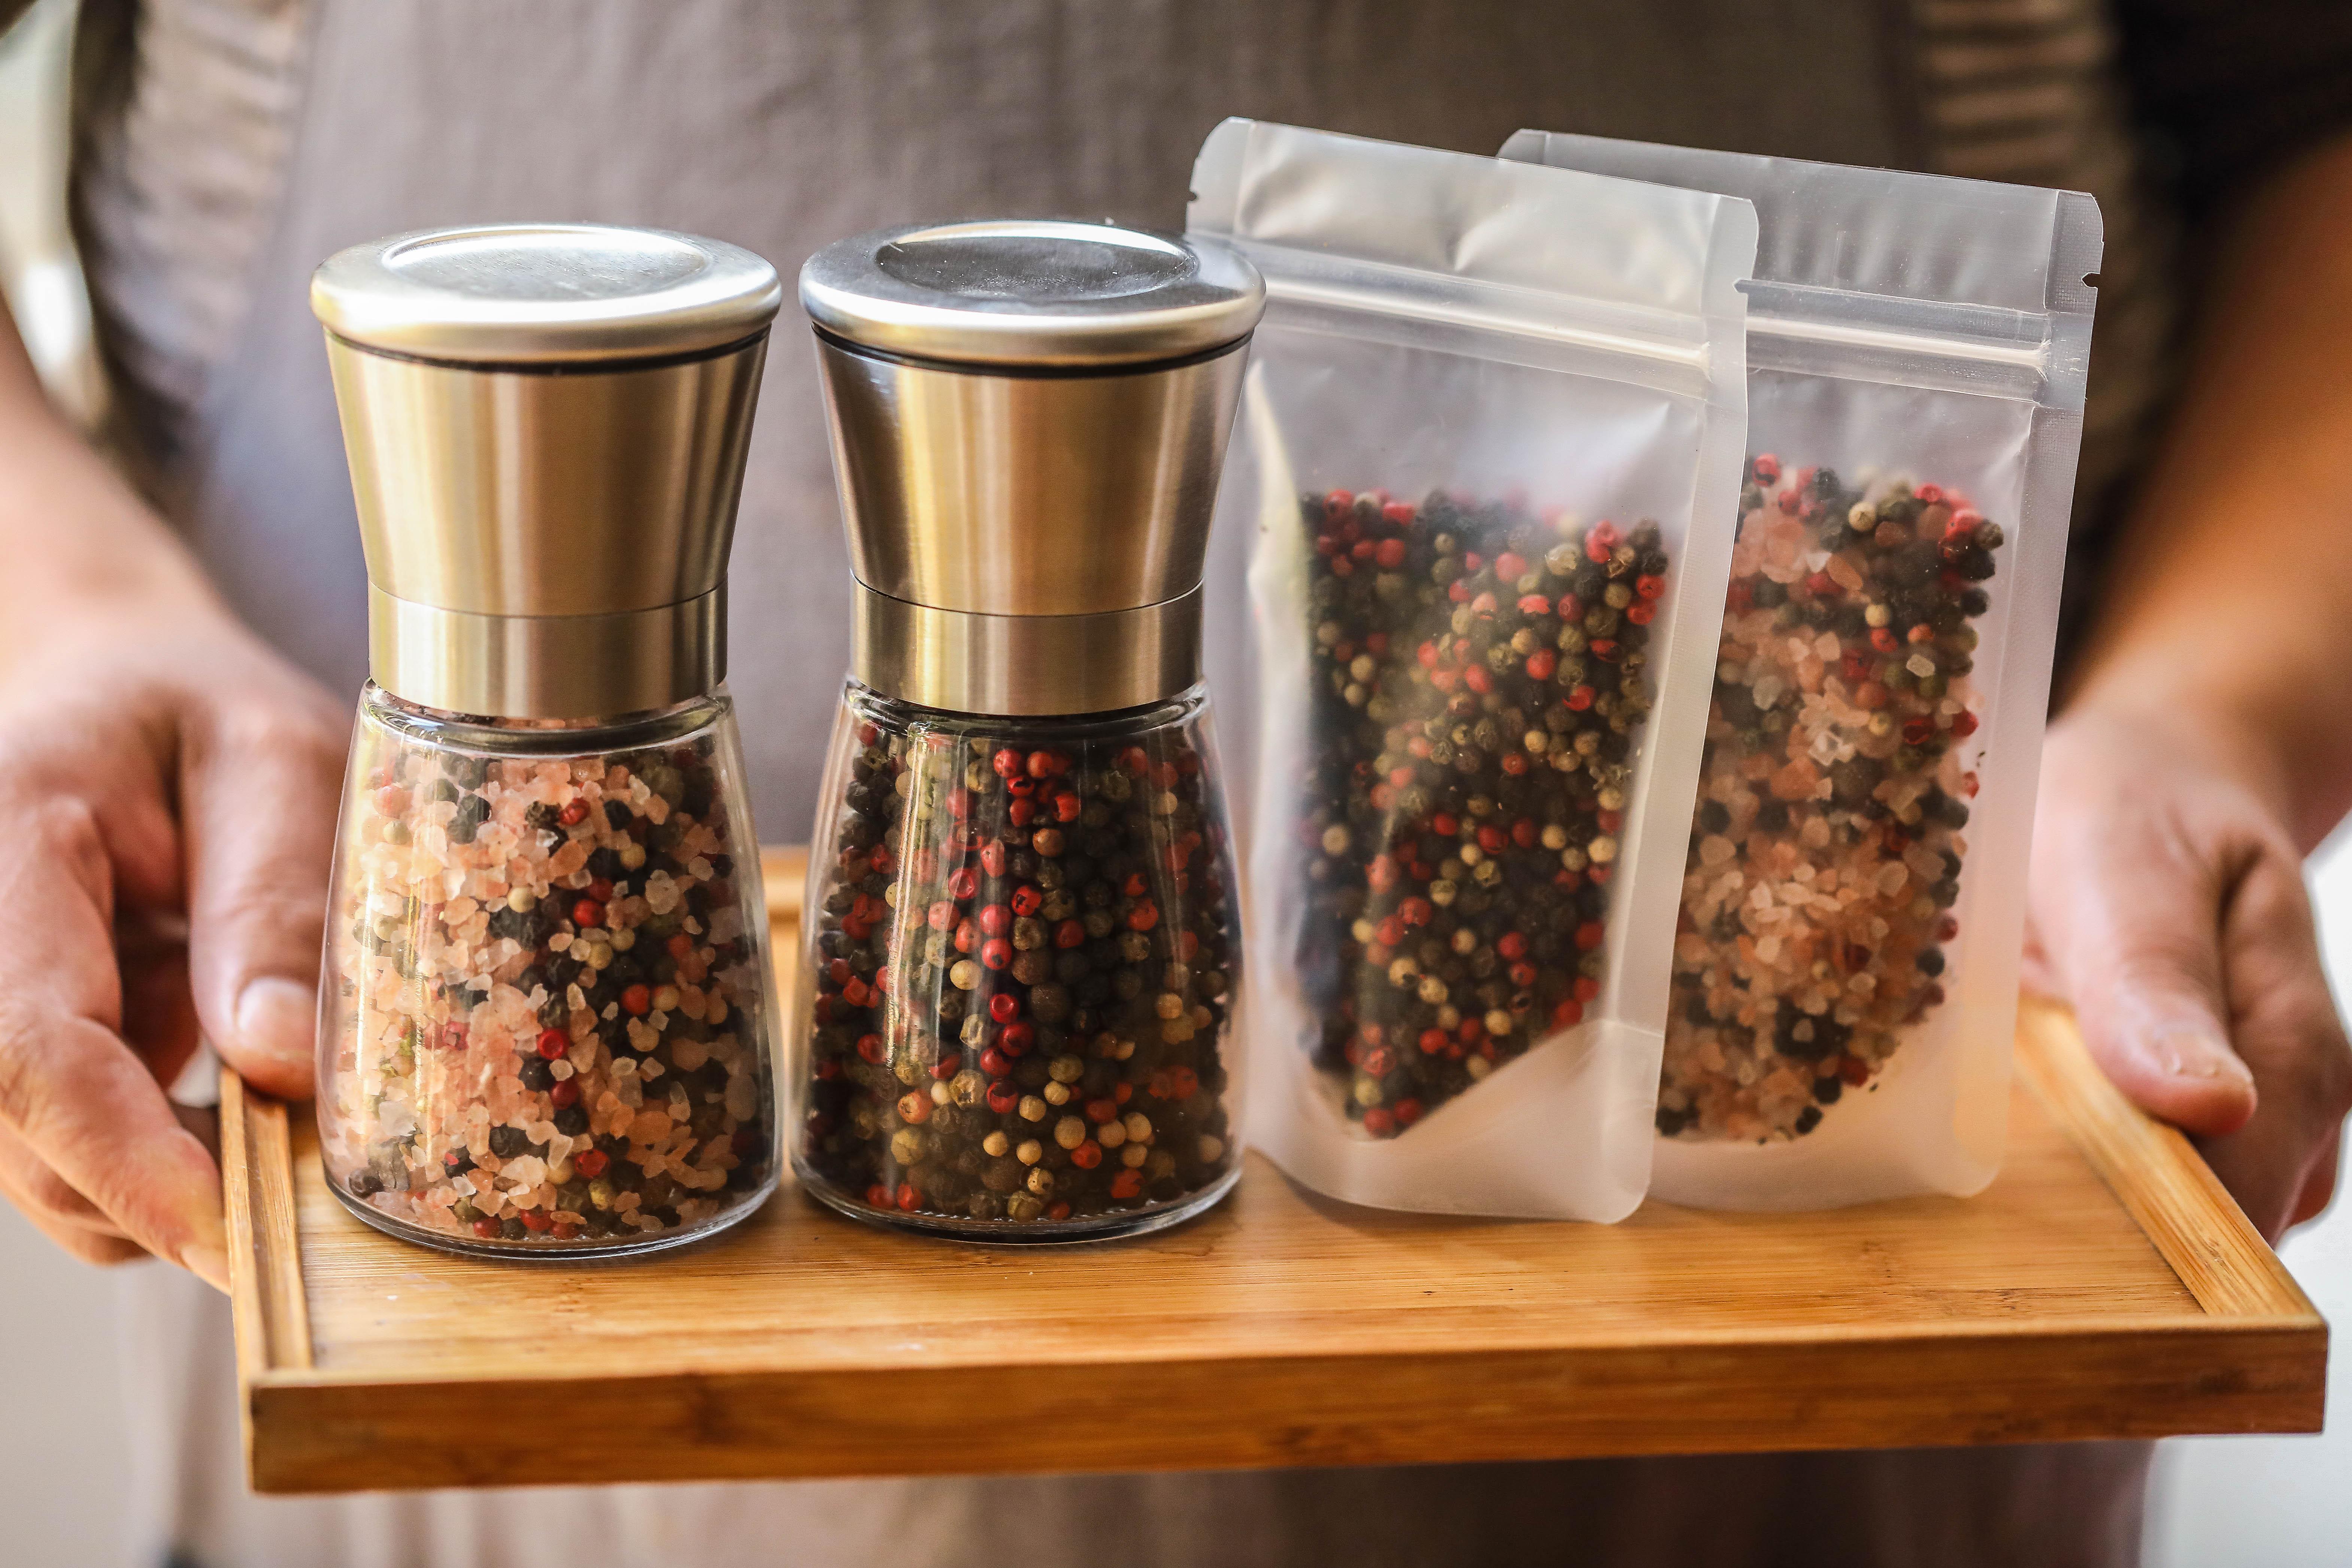 ステンレス胡椒研削器に五色胡椒/五色胡椒の粒を合わせて38元で郵送します。